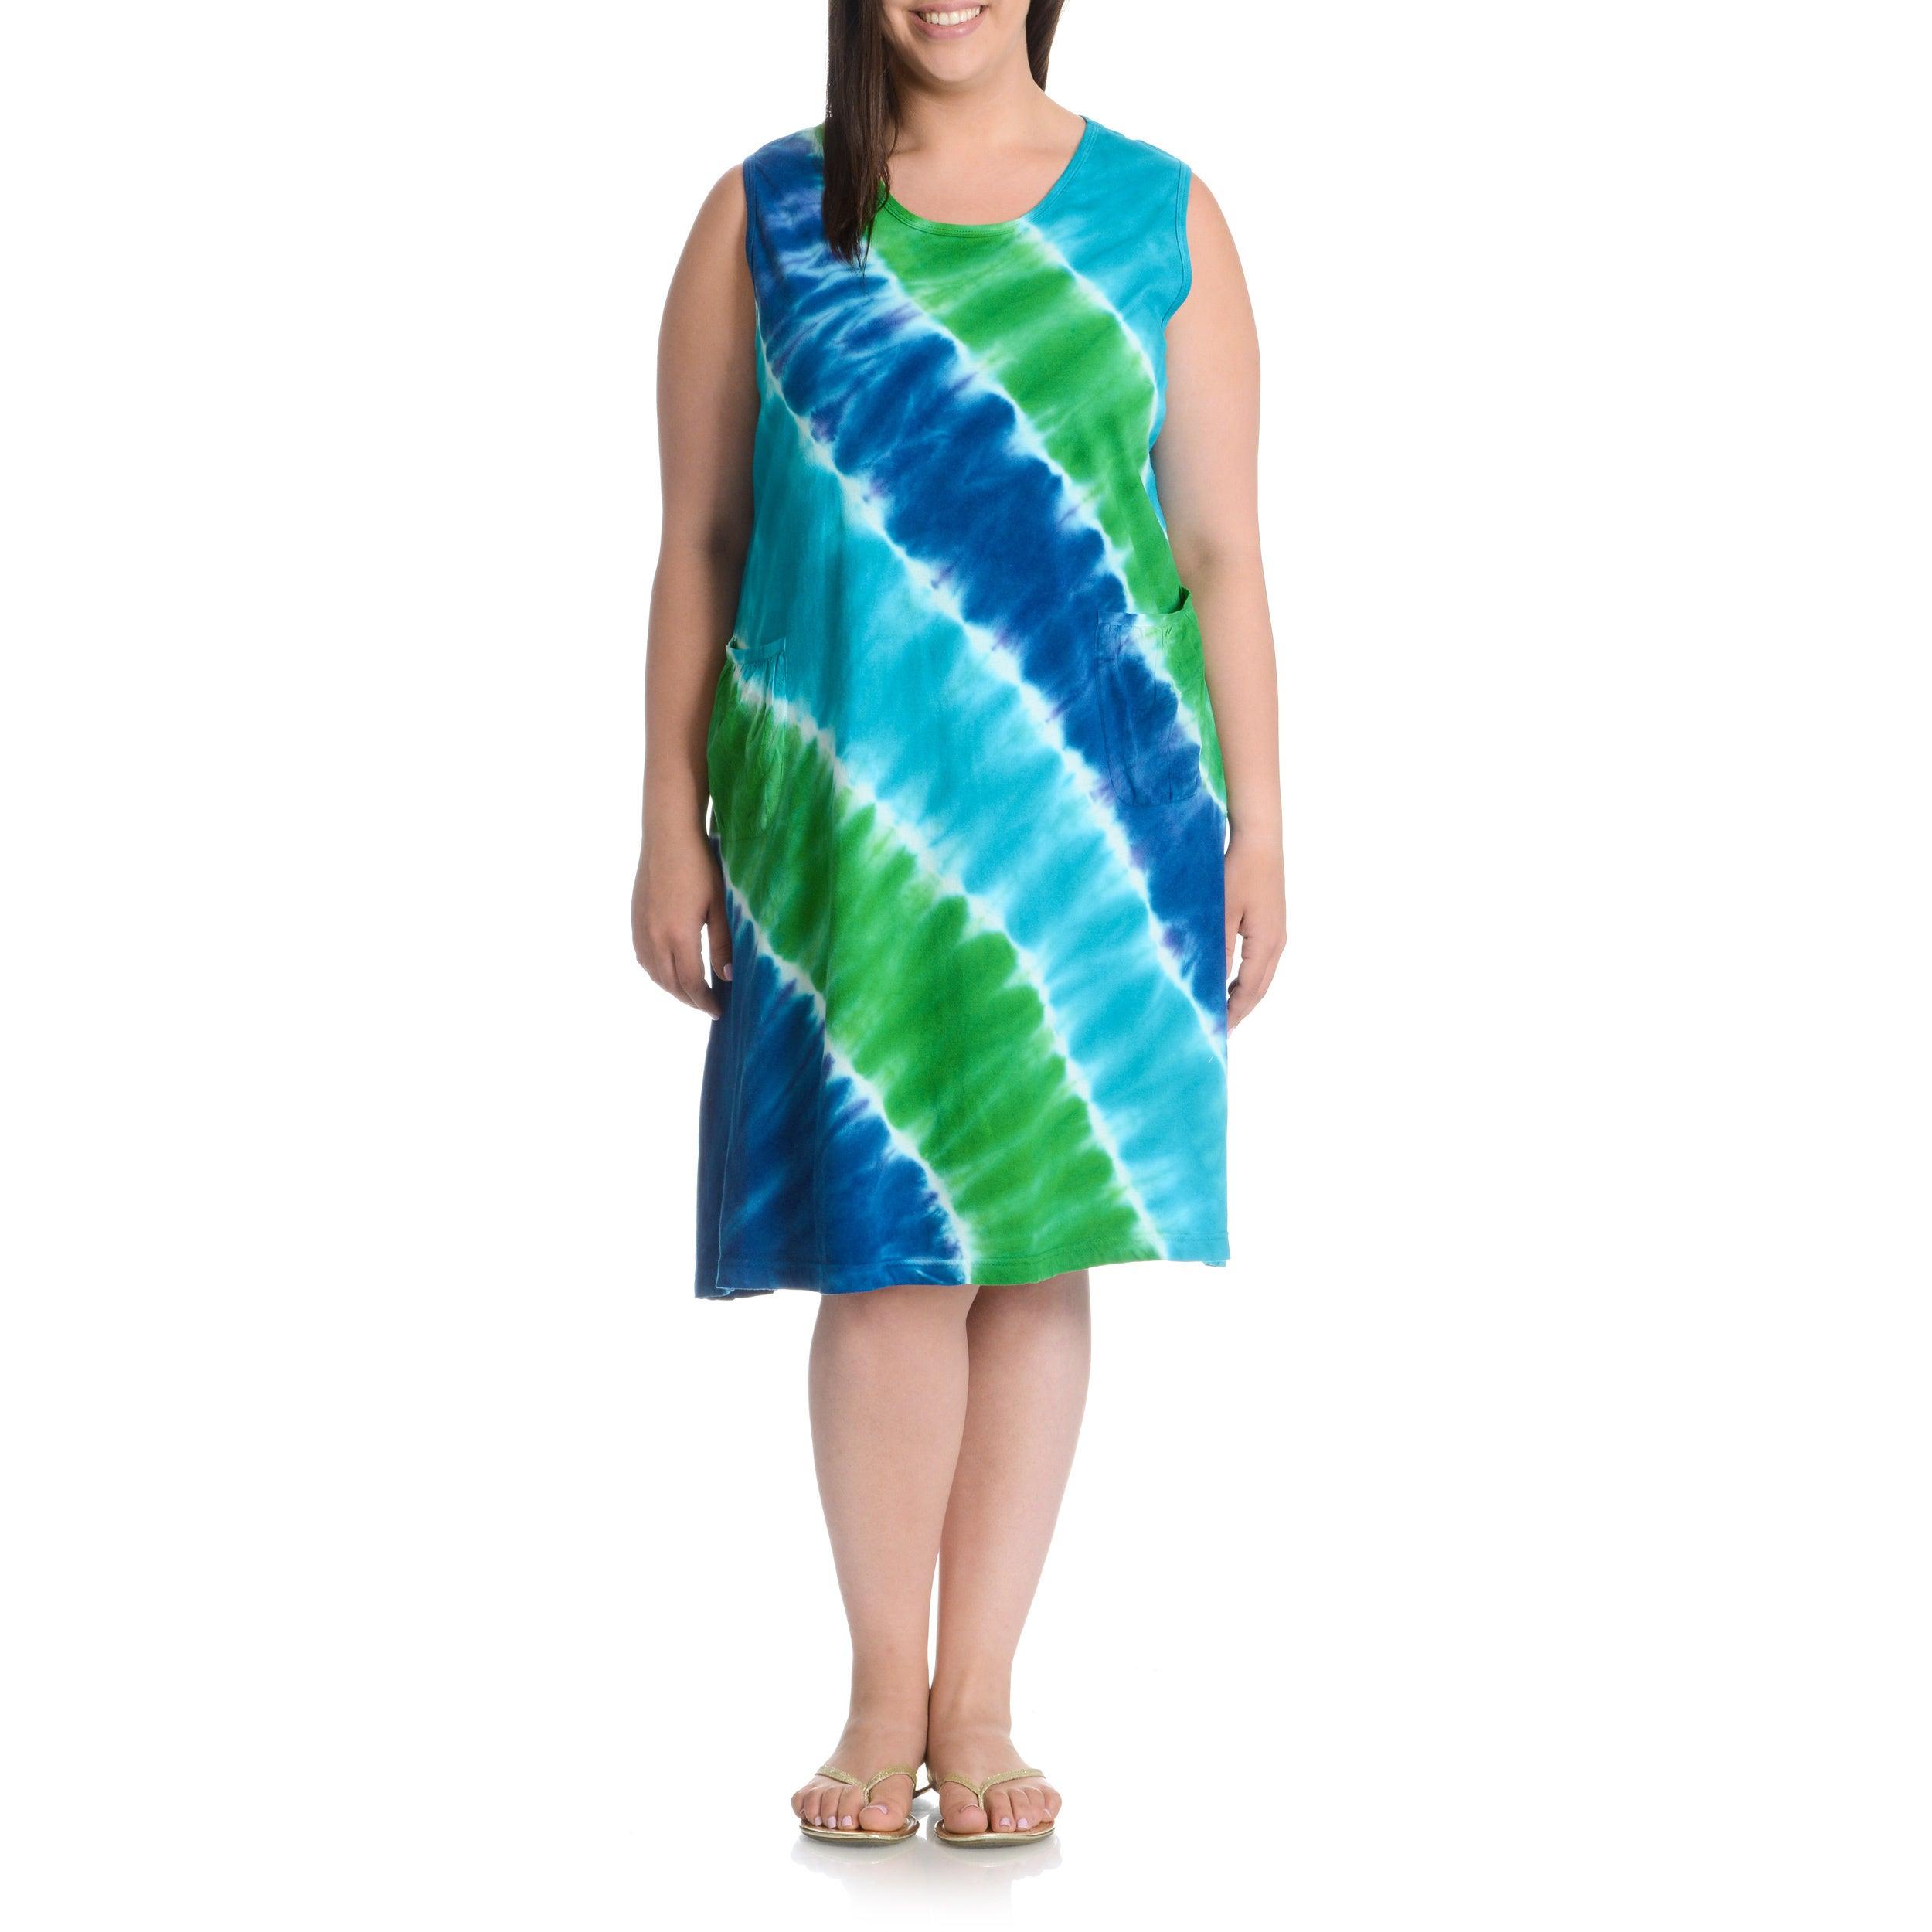 La Cera Plus Size Tie Dye Tank Dress Free Shipping Today